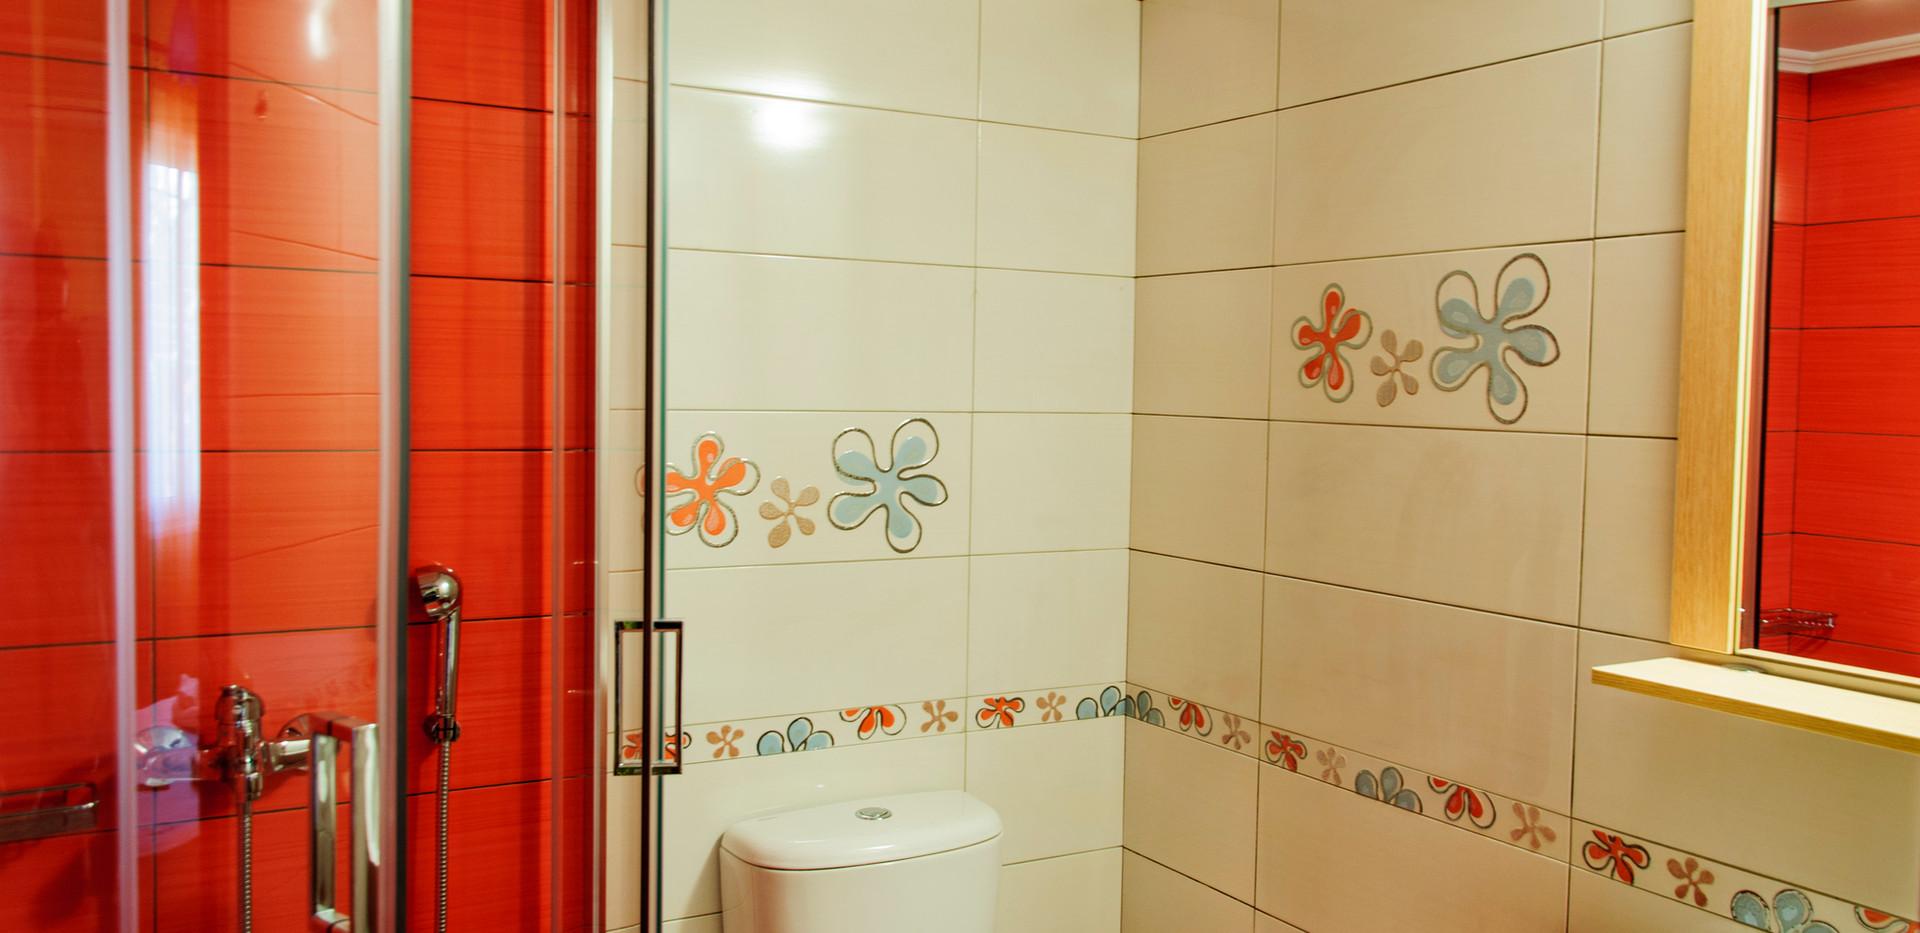 Bathroom of economy double room